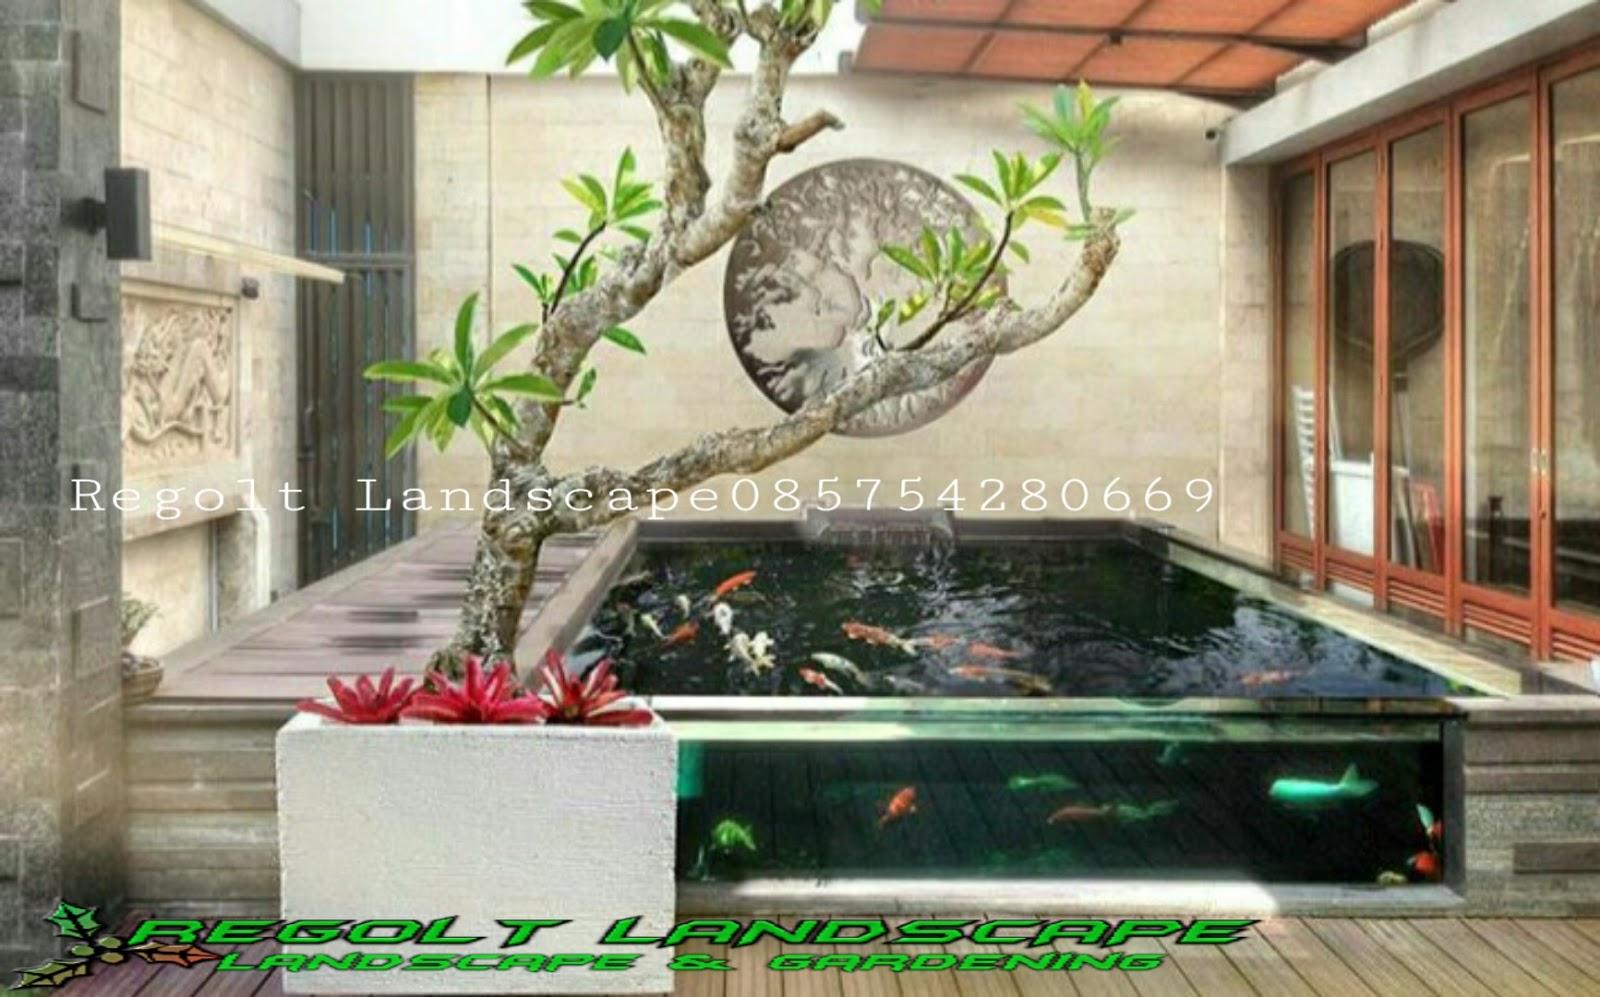 Jasa Pembuatan Kolam Ikan Koi Minimalis Di Gresik